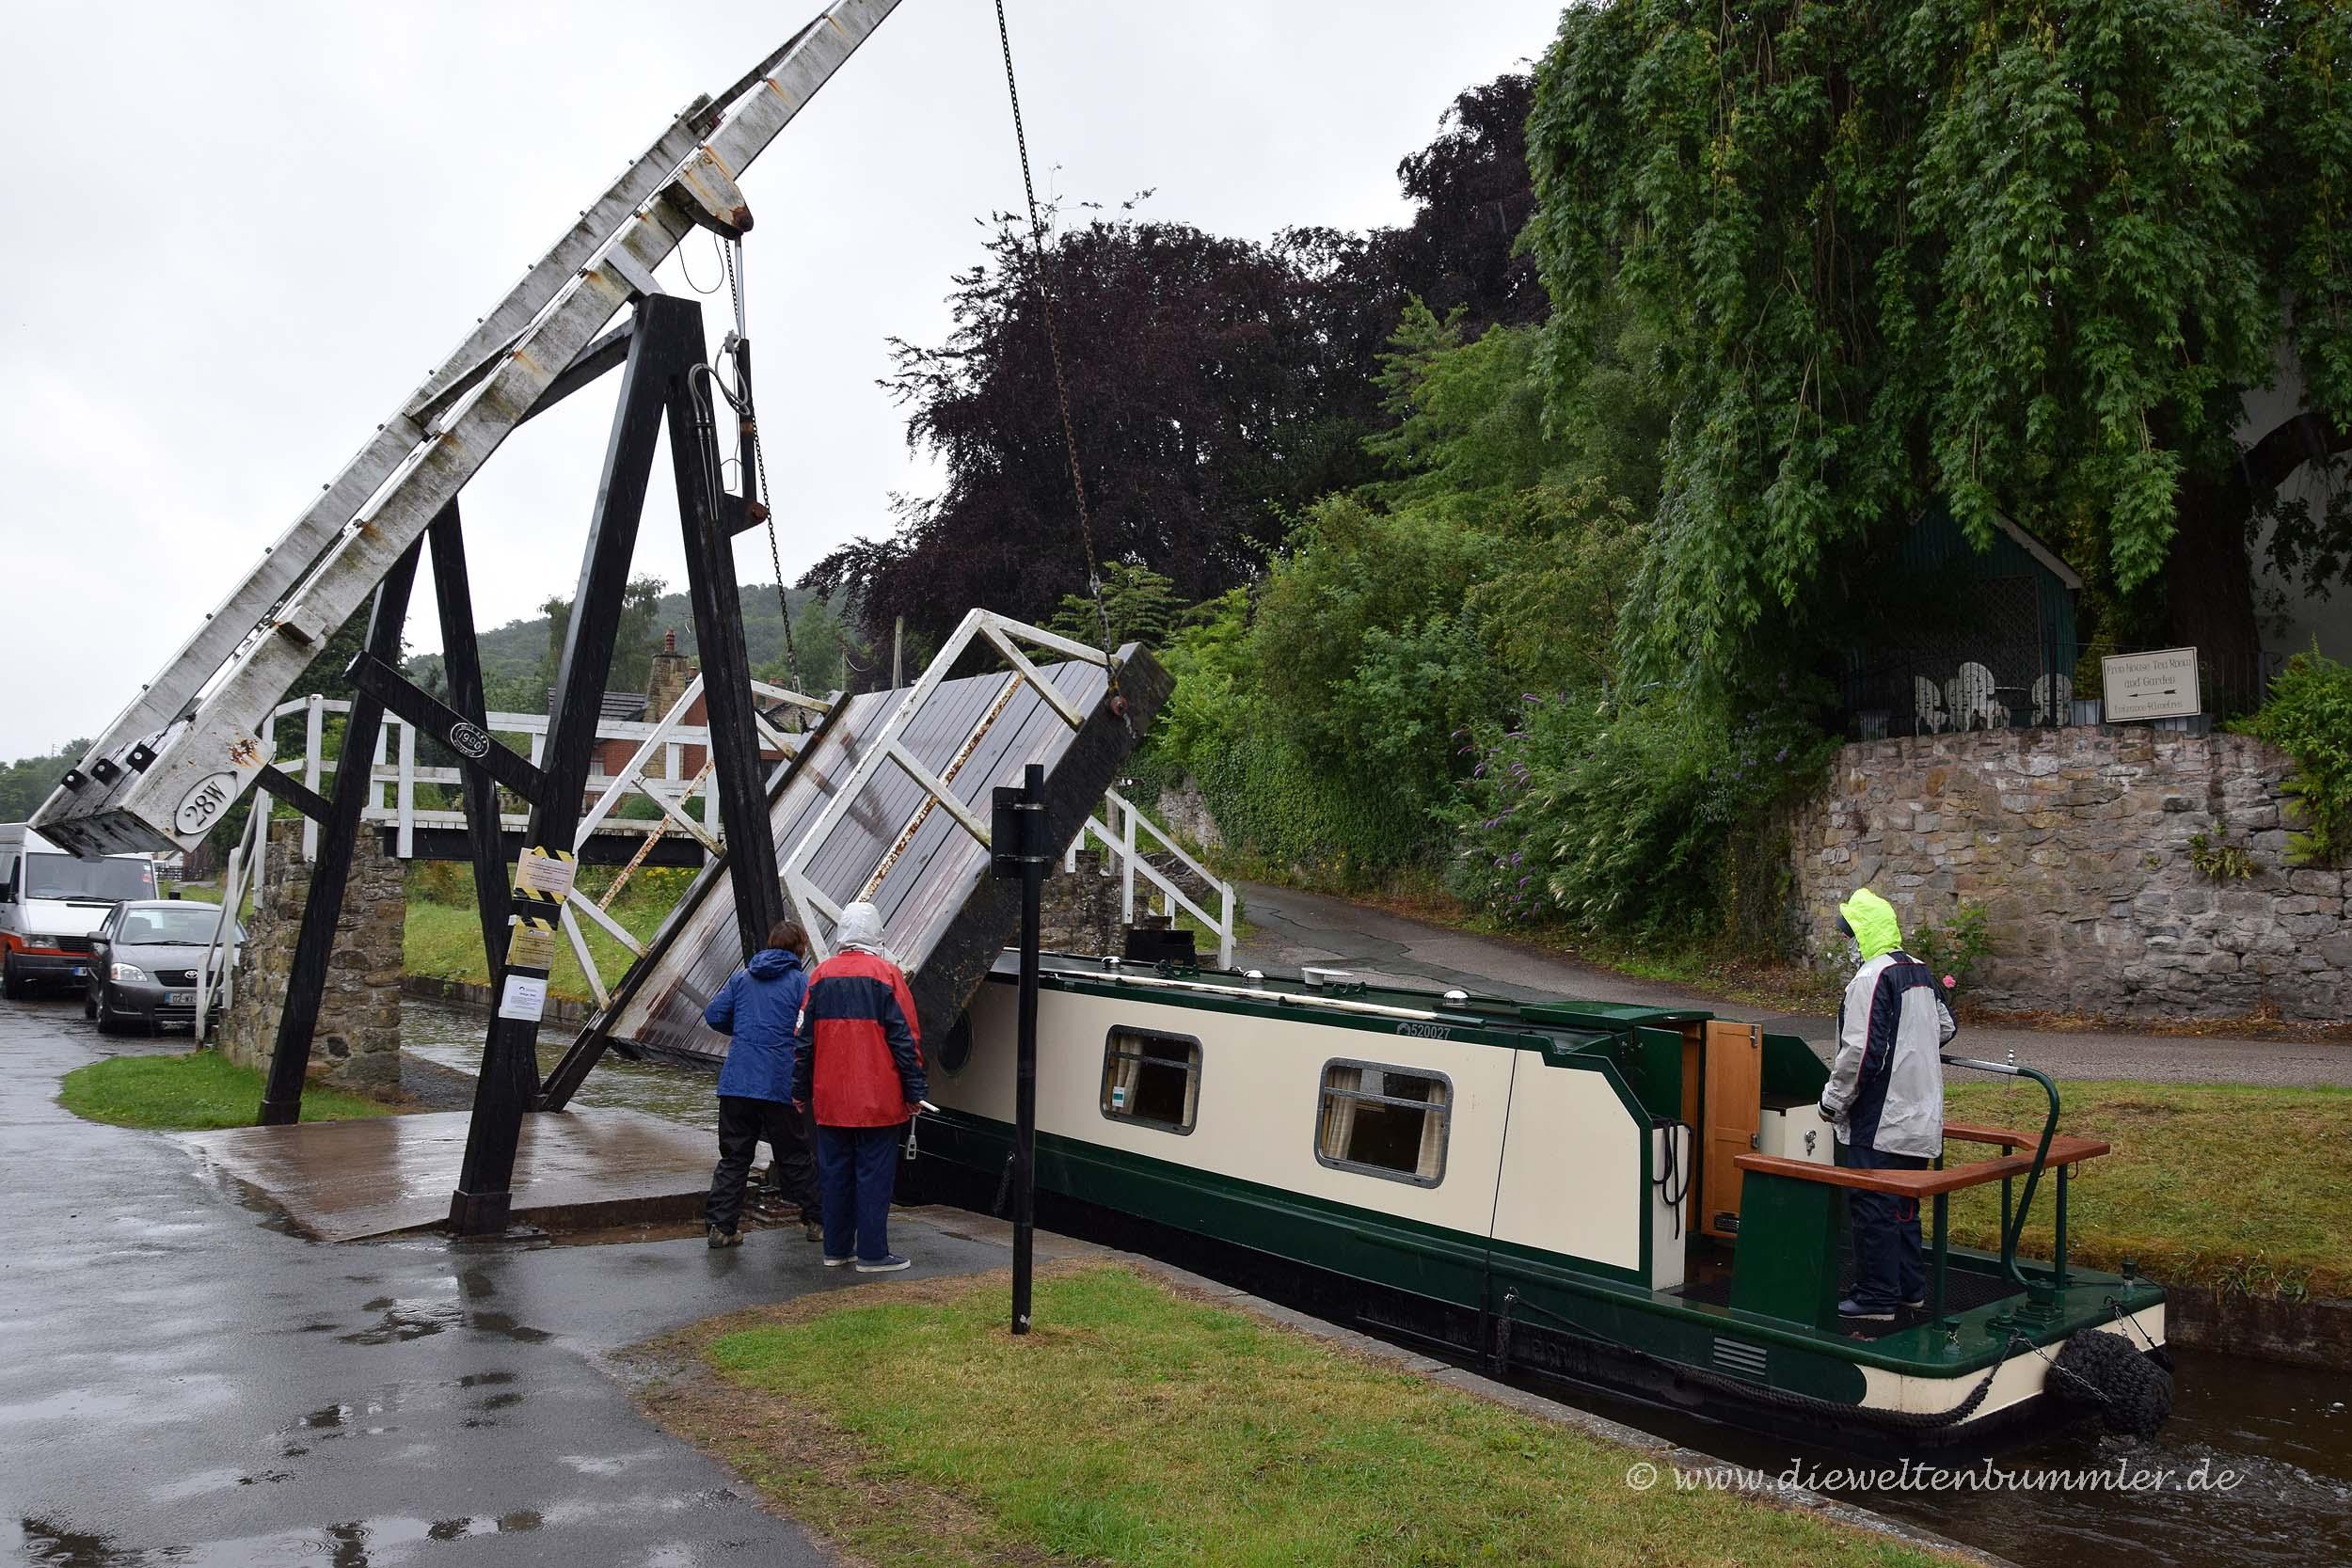 Die Bootsbesatzung muss die Brücken selber hochkurbeln